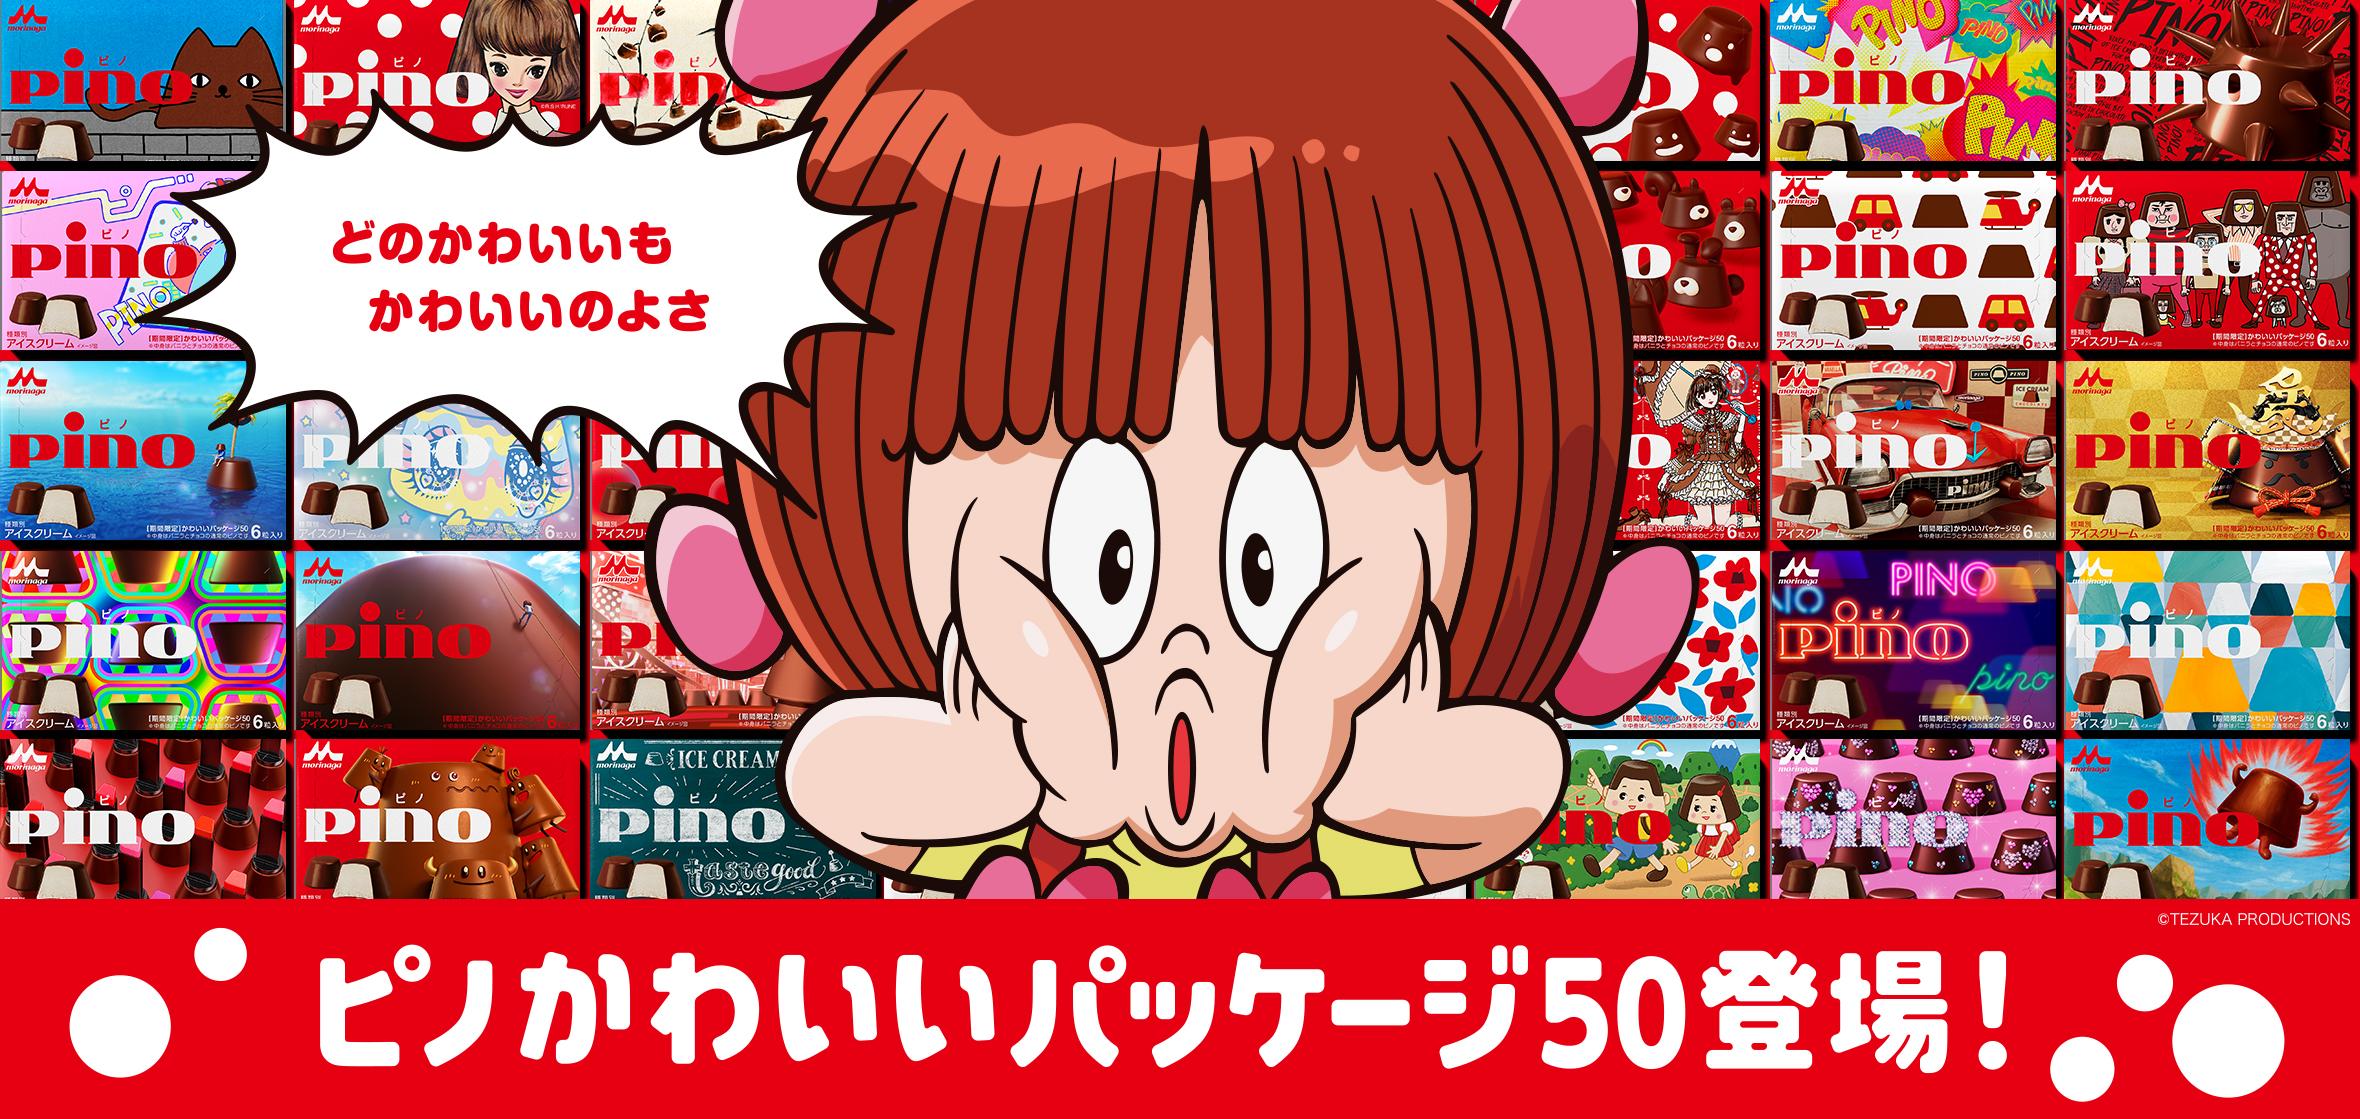 『ブラック・ジャック』ピノコ x「ピノ」コラボWEBムービー公開決定!かわいい50種類のパッケージも発売なのよさ♪